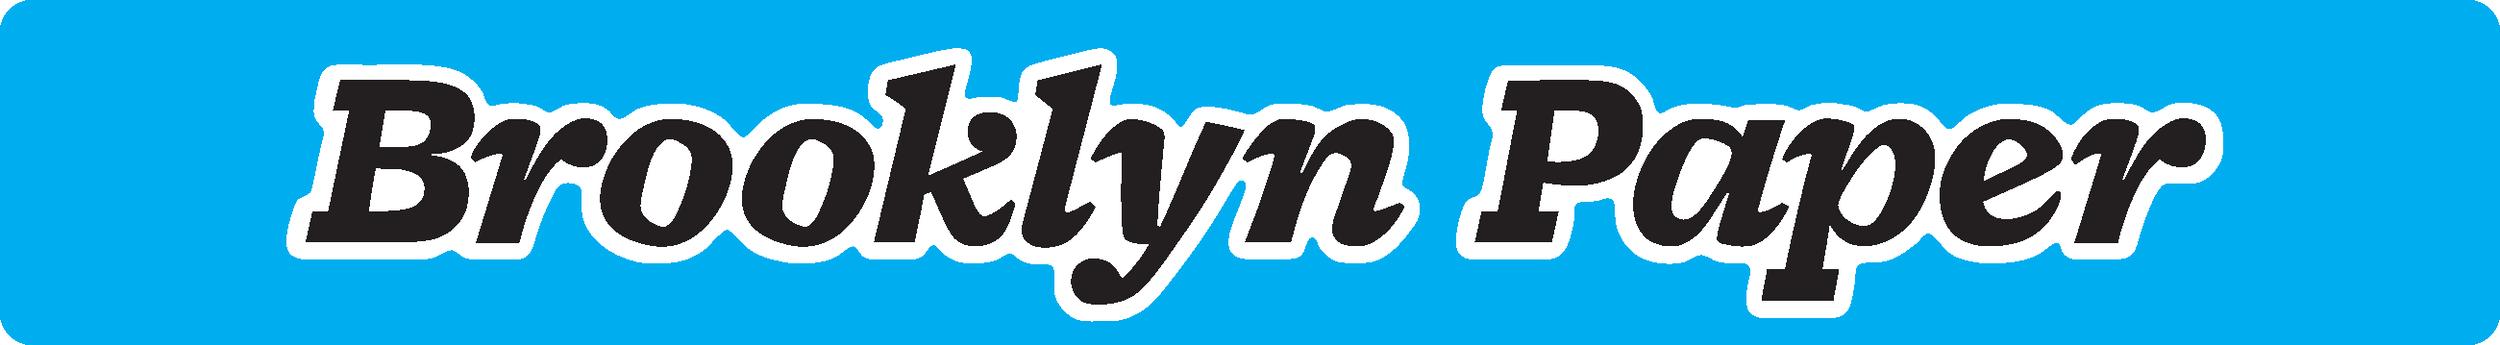 BrooklynPaper_logo (1).png